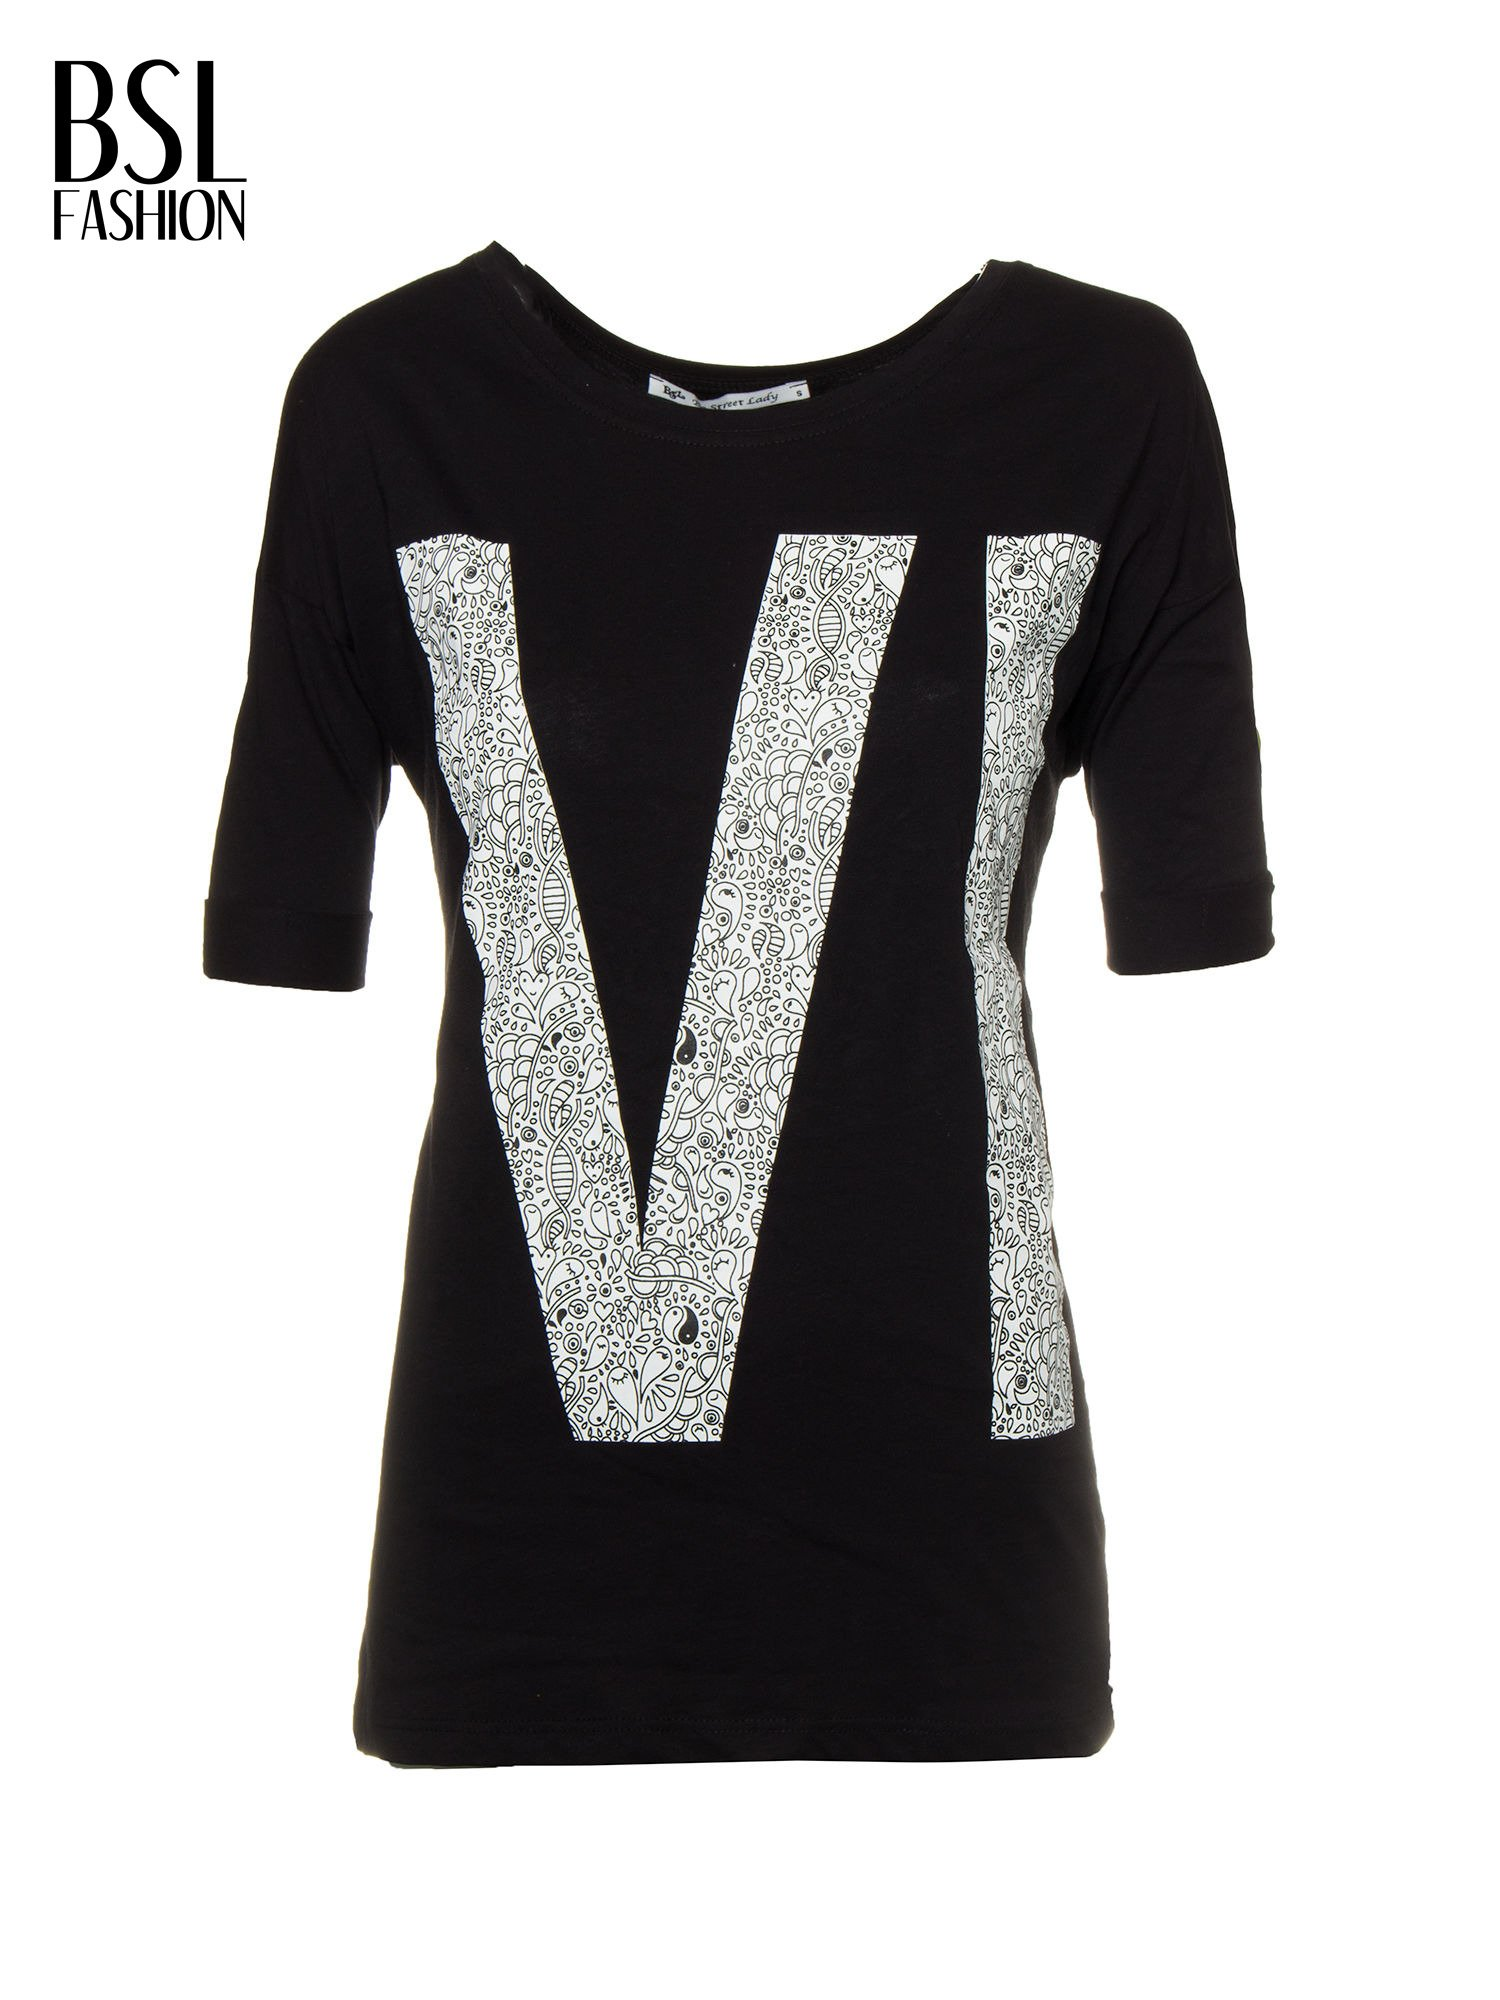 Czarny t-shirt z nadukiem WIBE z przodu i na plecach                                  zdj.                                  2